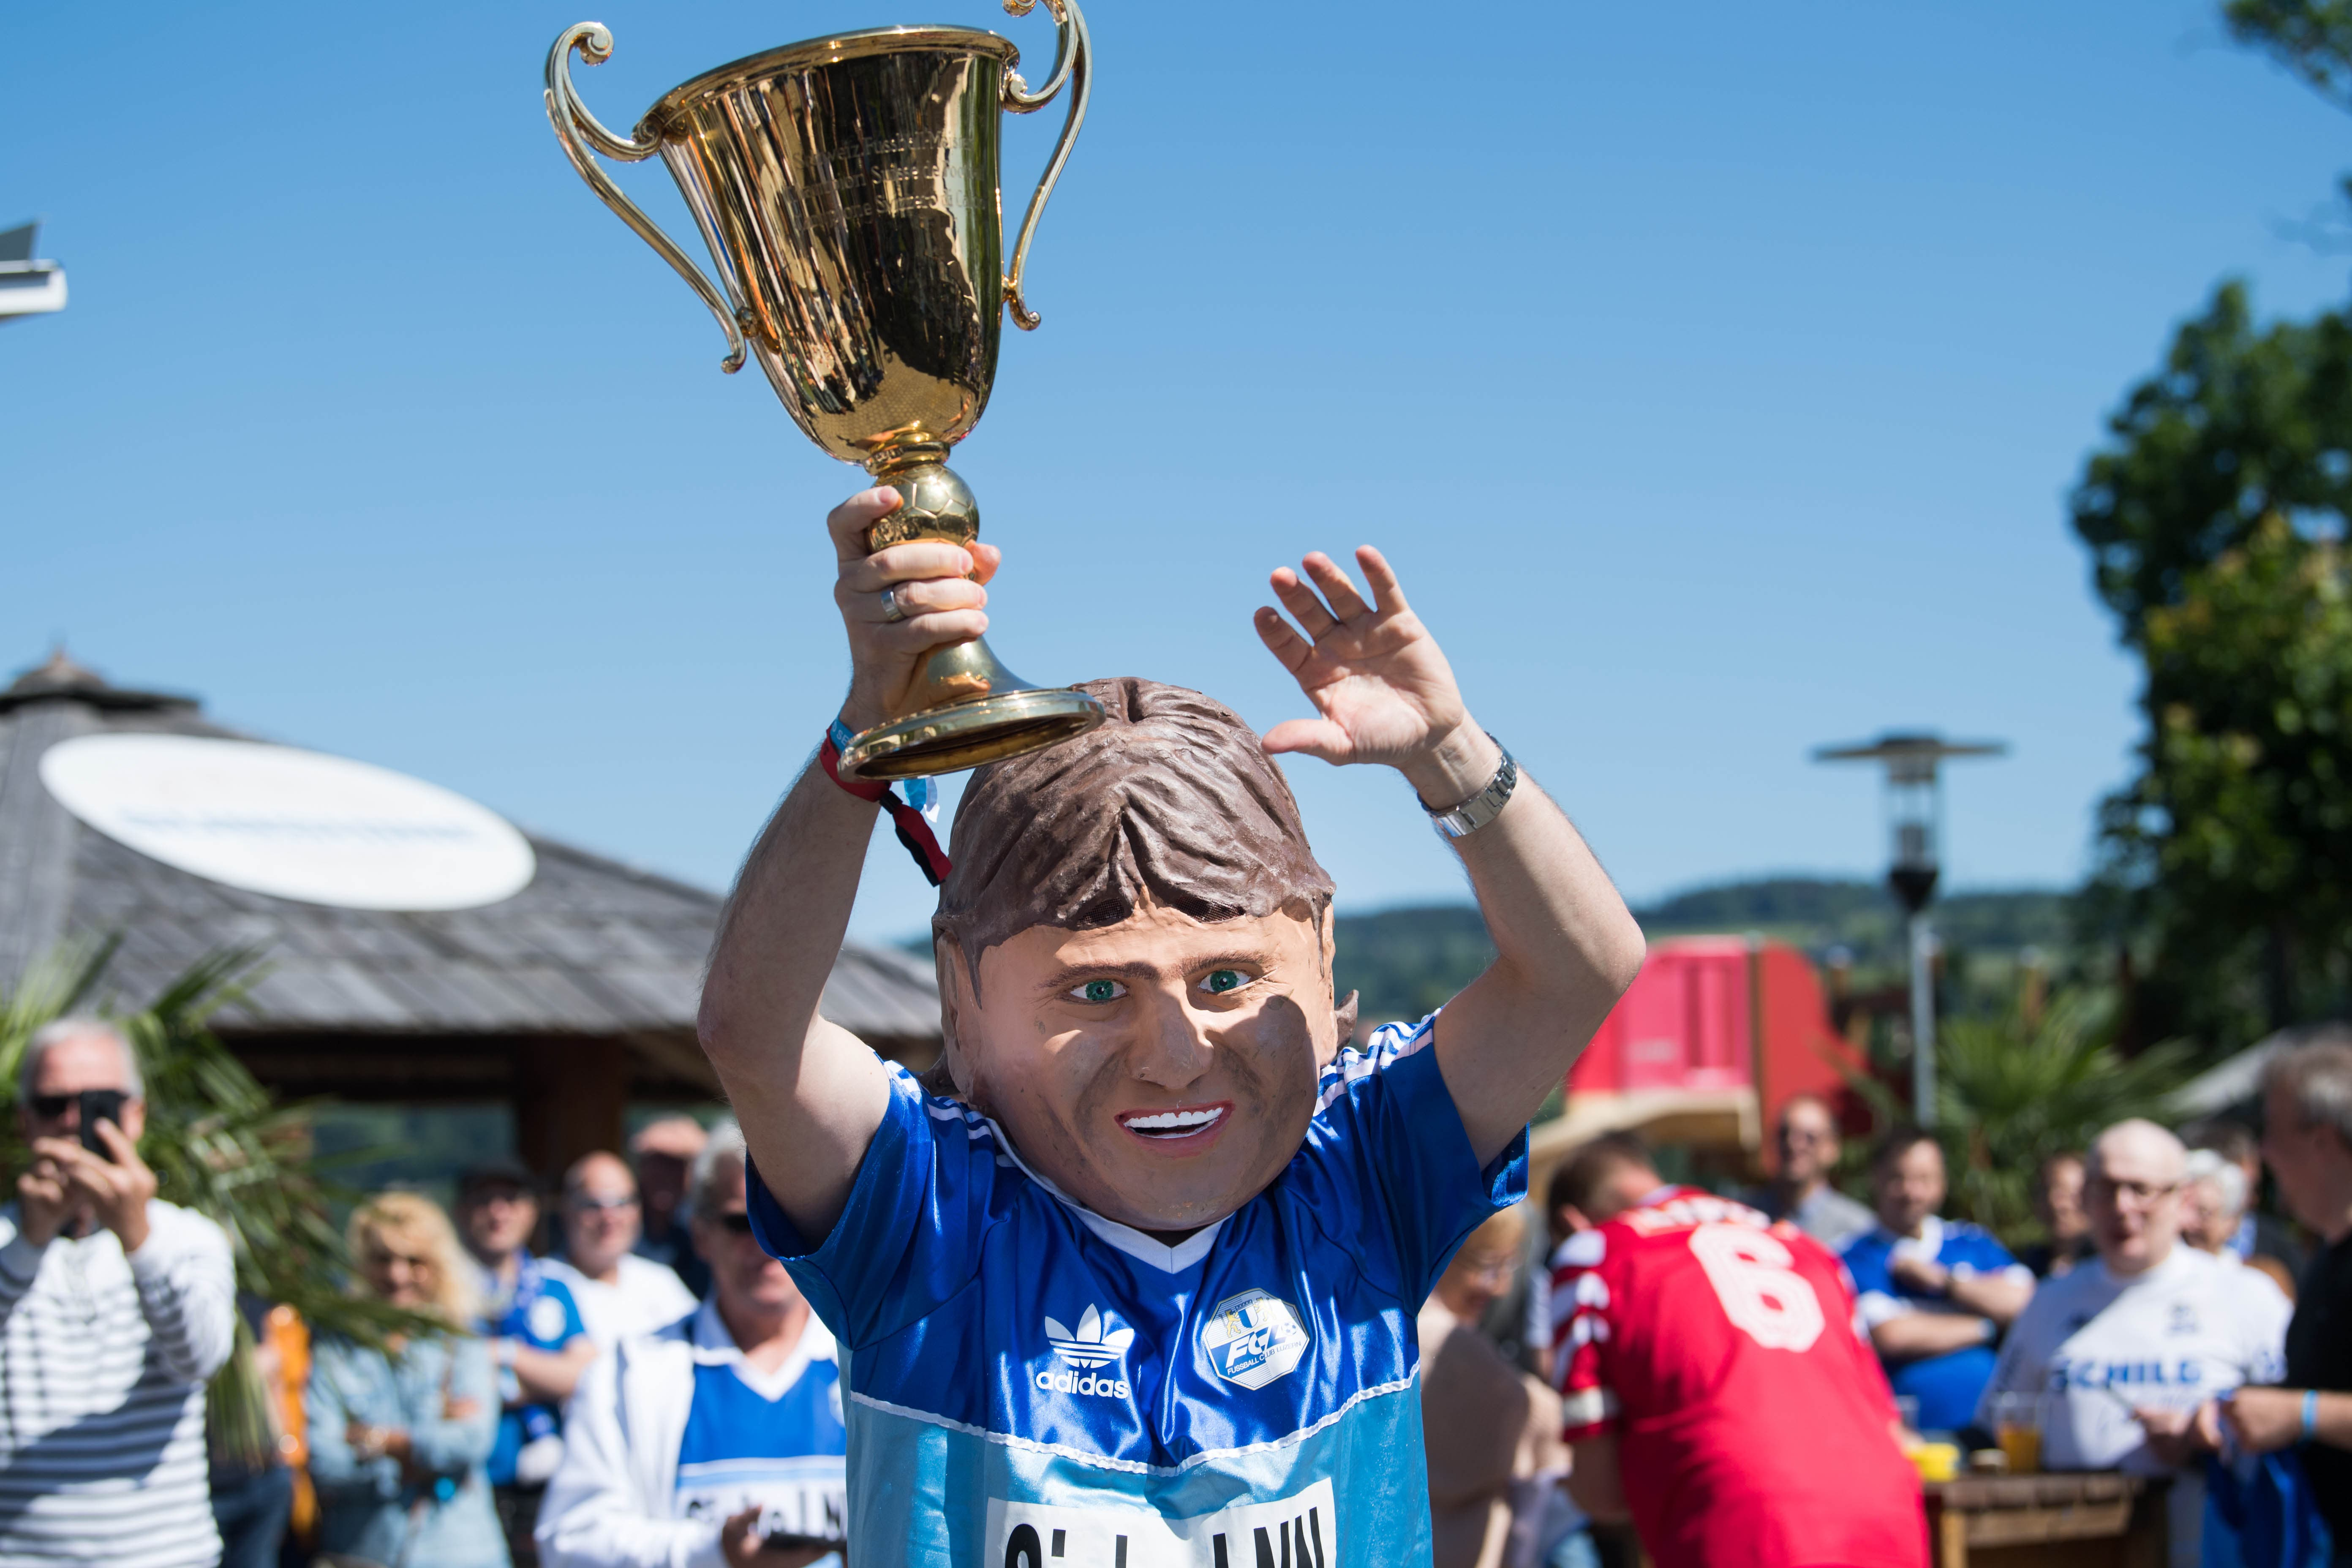 Den Original-Pokal überbrachte ein Double von FCL-Meisterspieler Hansi Burri, welches auch schon an der Luzerner Fasnacht teilgenommen hat. (Bild: Eveline Beerkircher-Bachmann (Sempach, 8. Juni 2019))